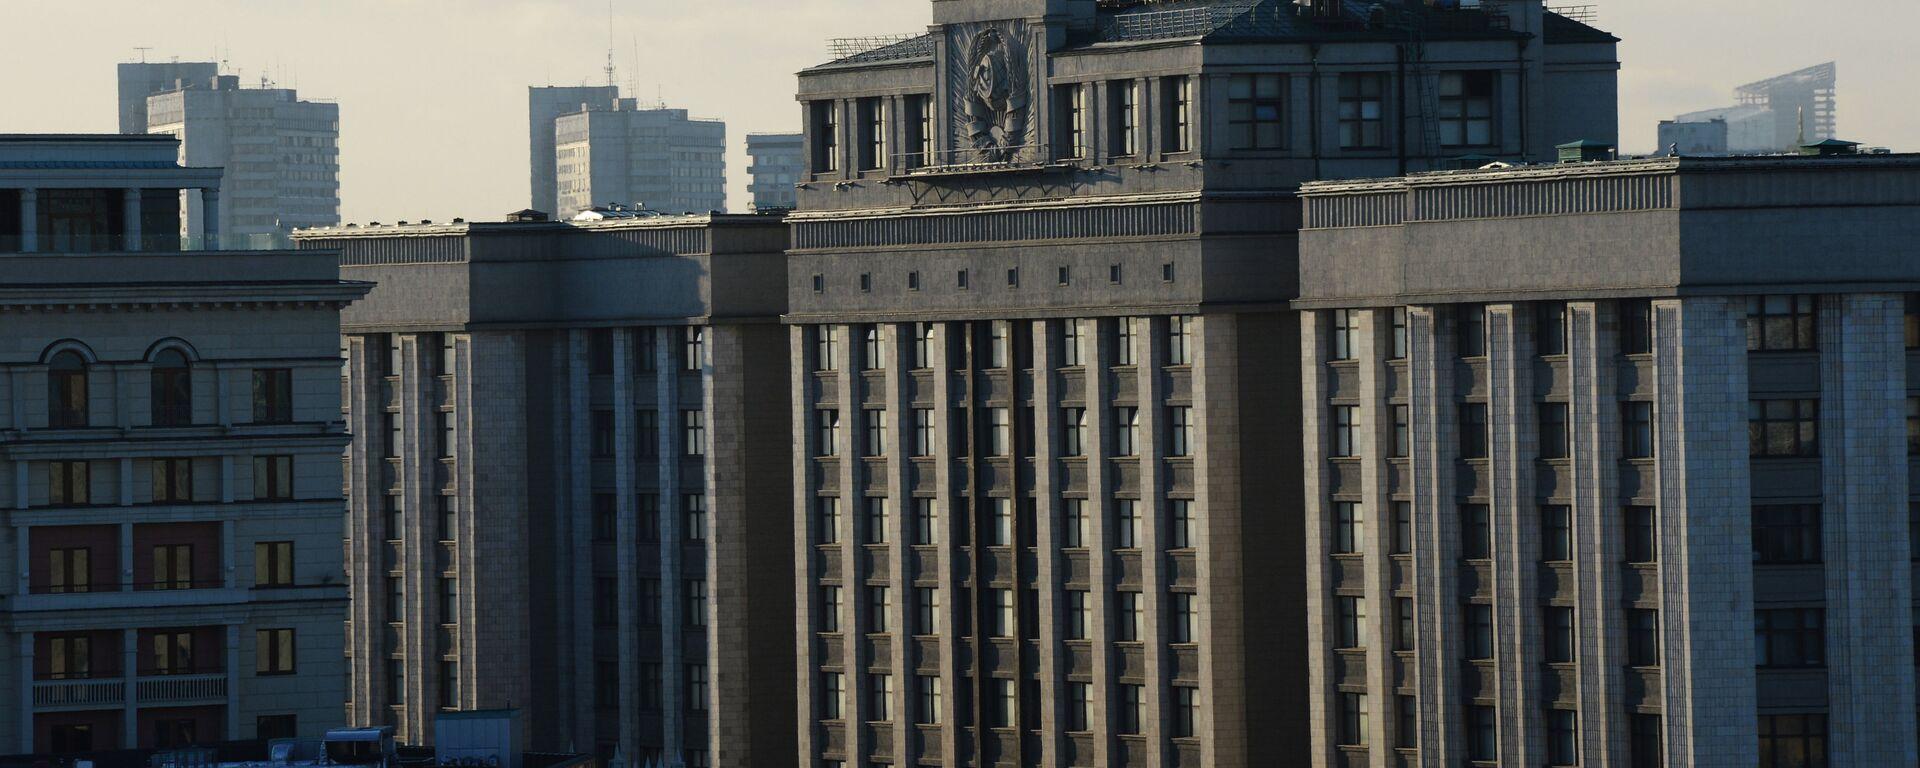 Госдума РФ, архивное фото - Sputnik Таджикистан, 1920, 21.09.2021